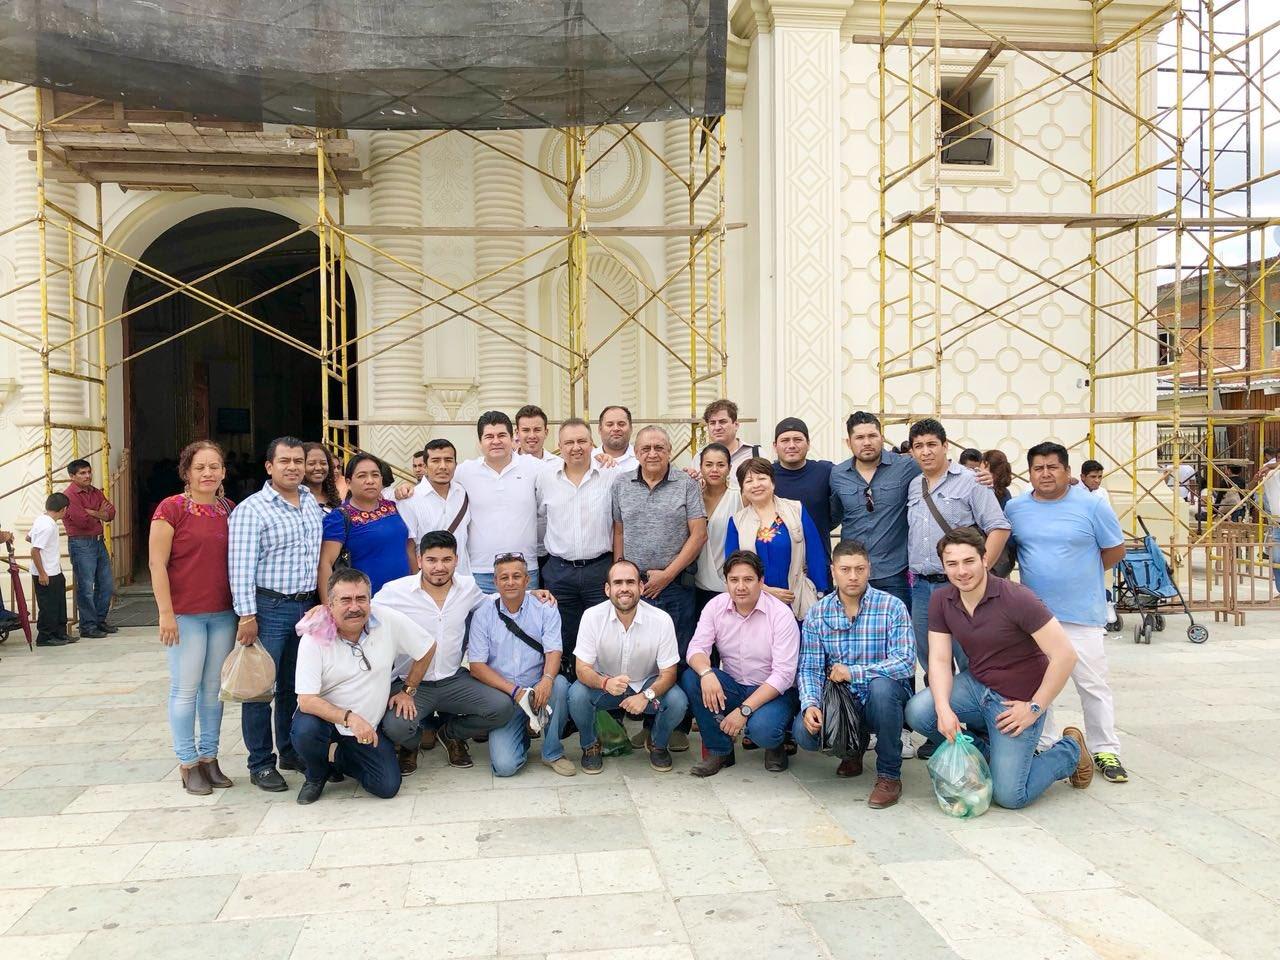 En Juquila, @hectorpablo_ se reunió con amigos y familiares que lo acompañaron. #Oaxaca https://t.co/vOYQ9xAiTA